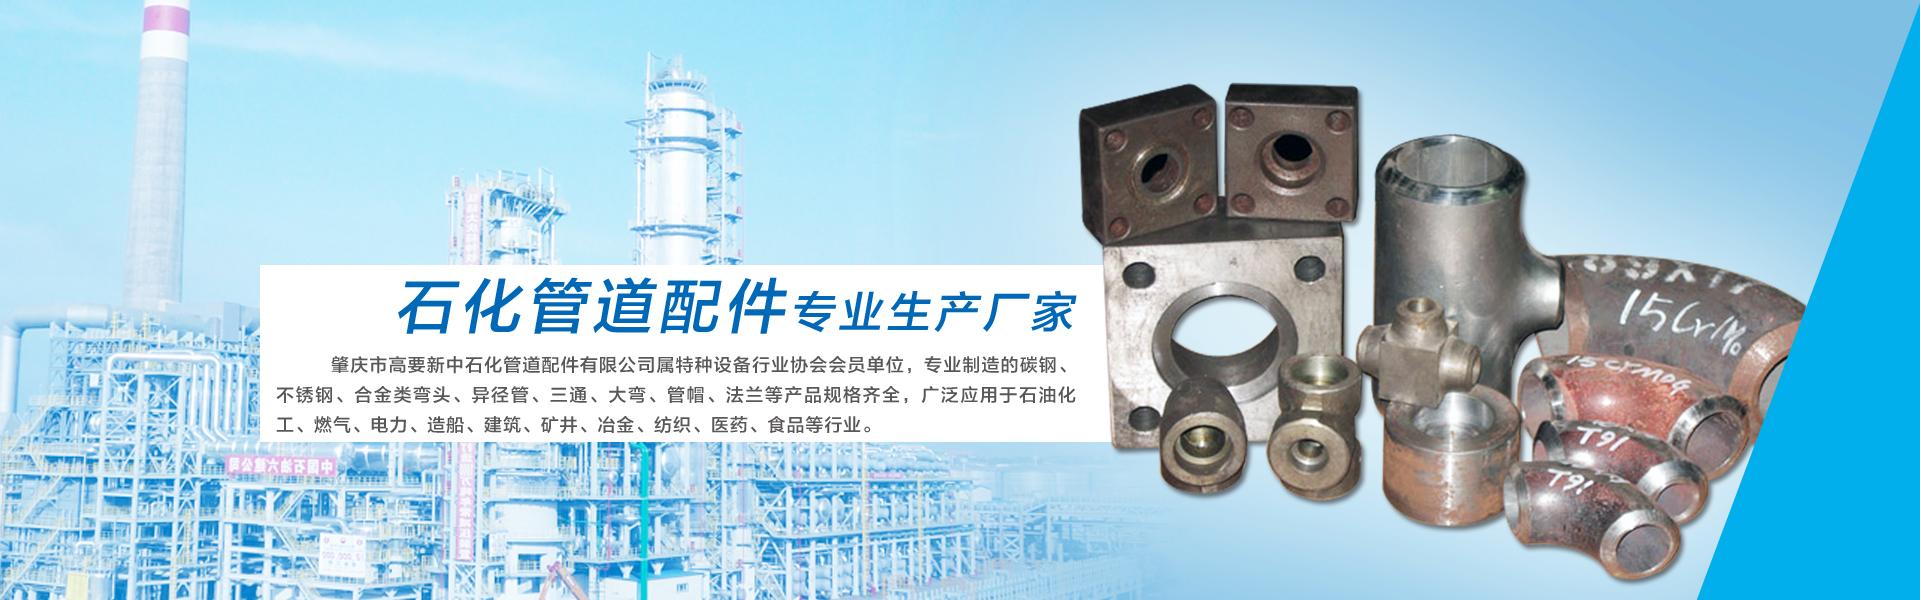 本公司已取得压力管道元件制造许可资格,并通过ISO9001:2008标准体系认证。